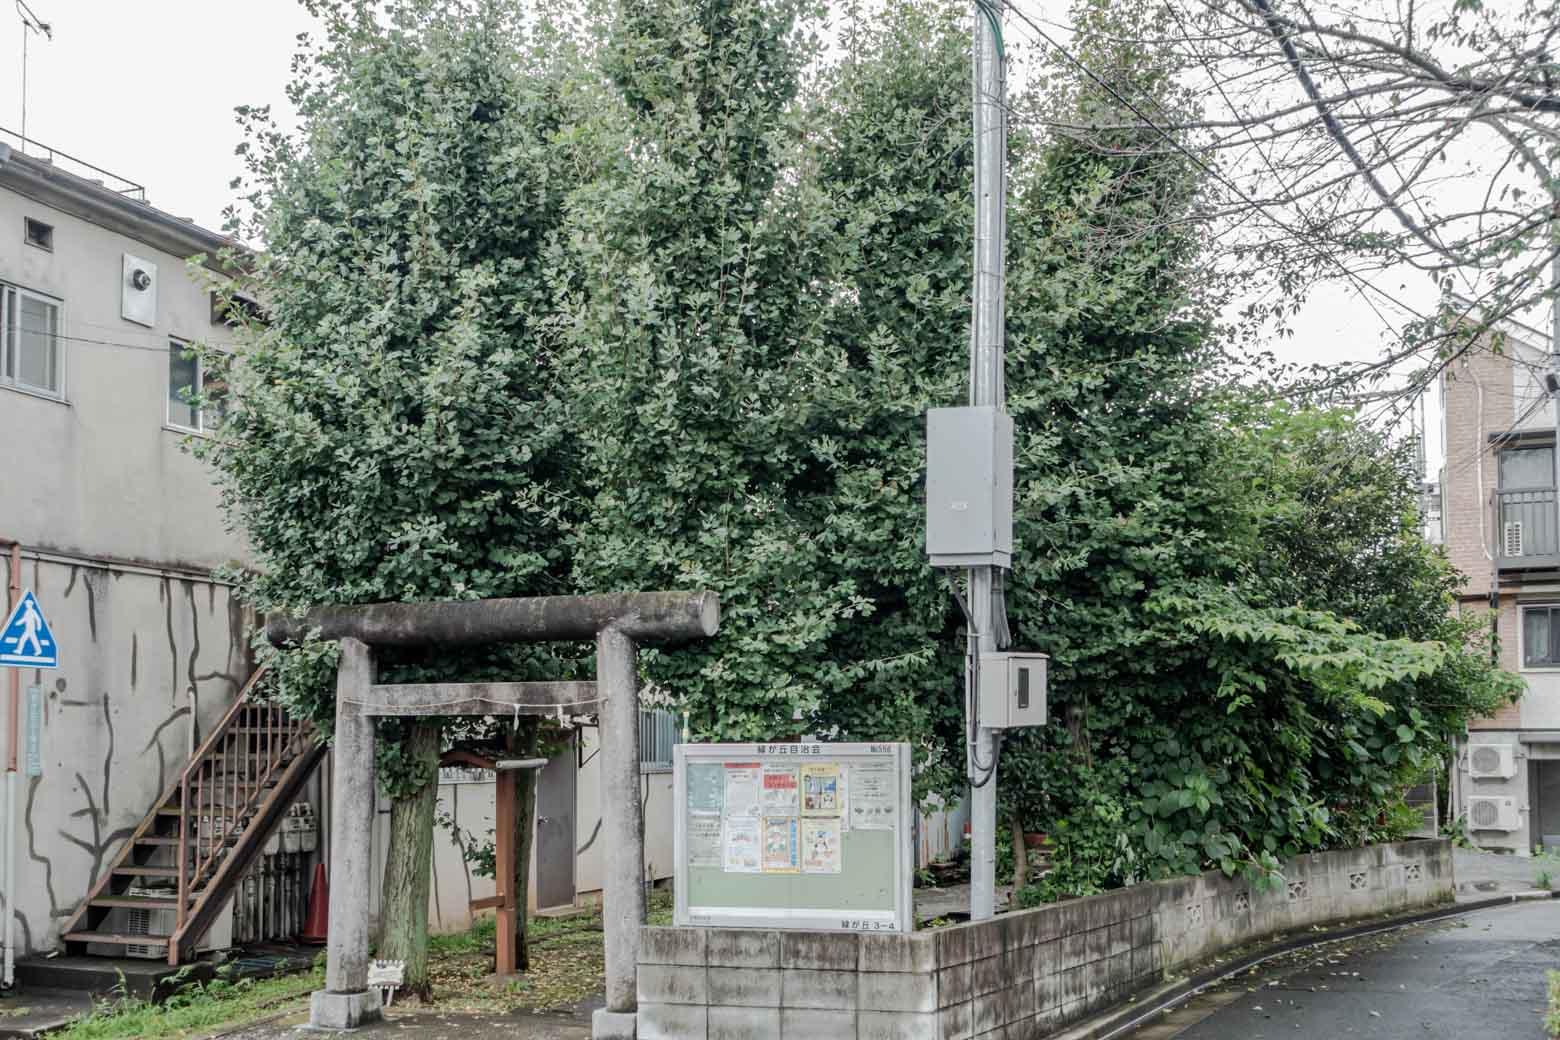 熊野神社に到着しました。詳しい謂れは調べても出てきませんでしたが、熊野本宮大社の分社なのでしょうか?